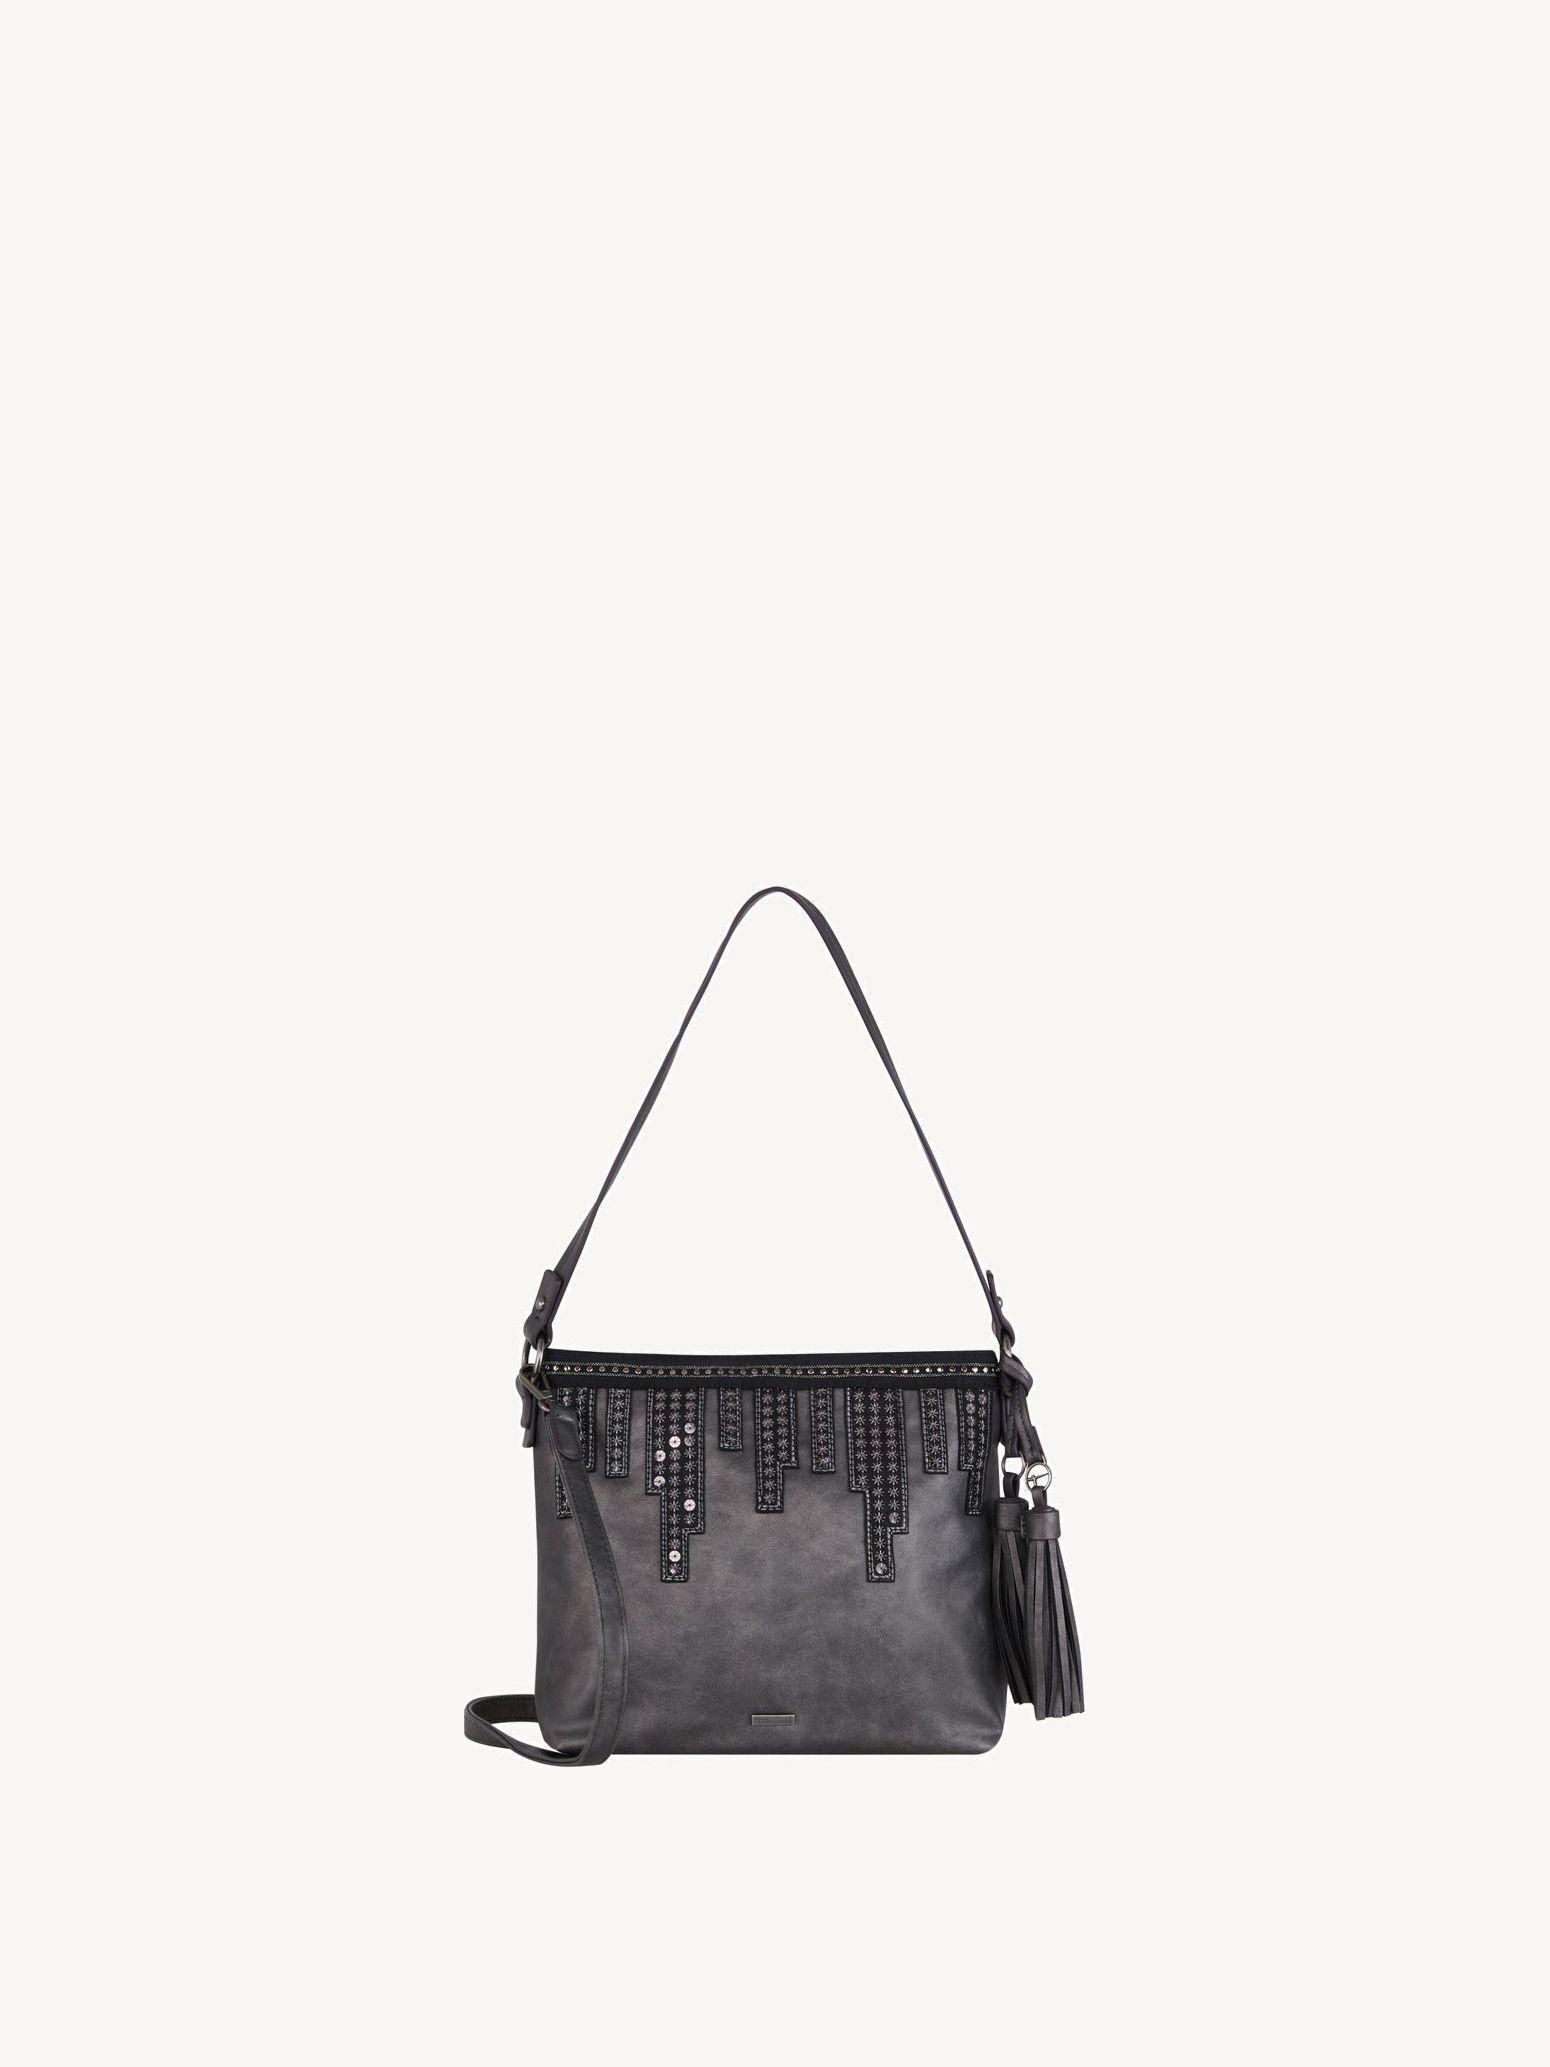 Damen Taschen günstig und bequem online auf kaufen!